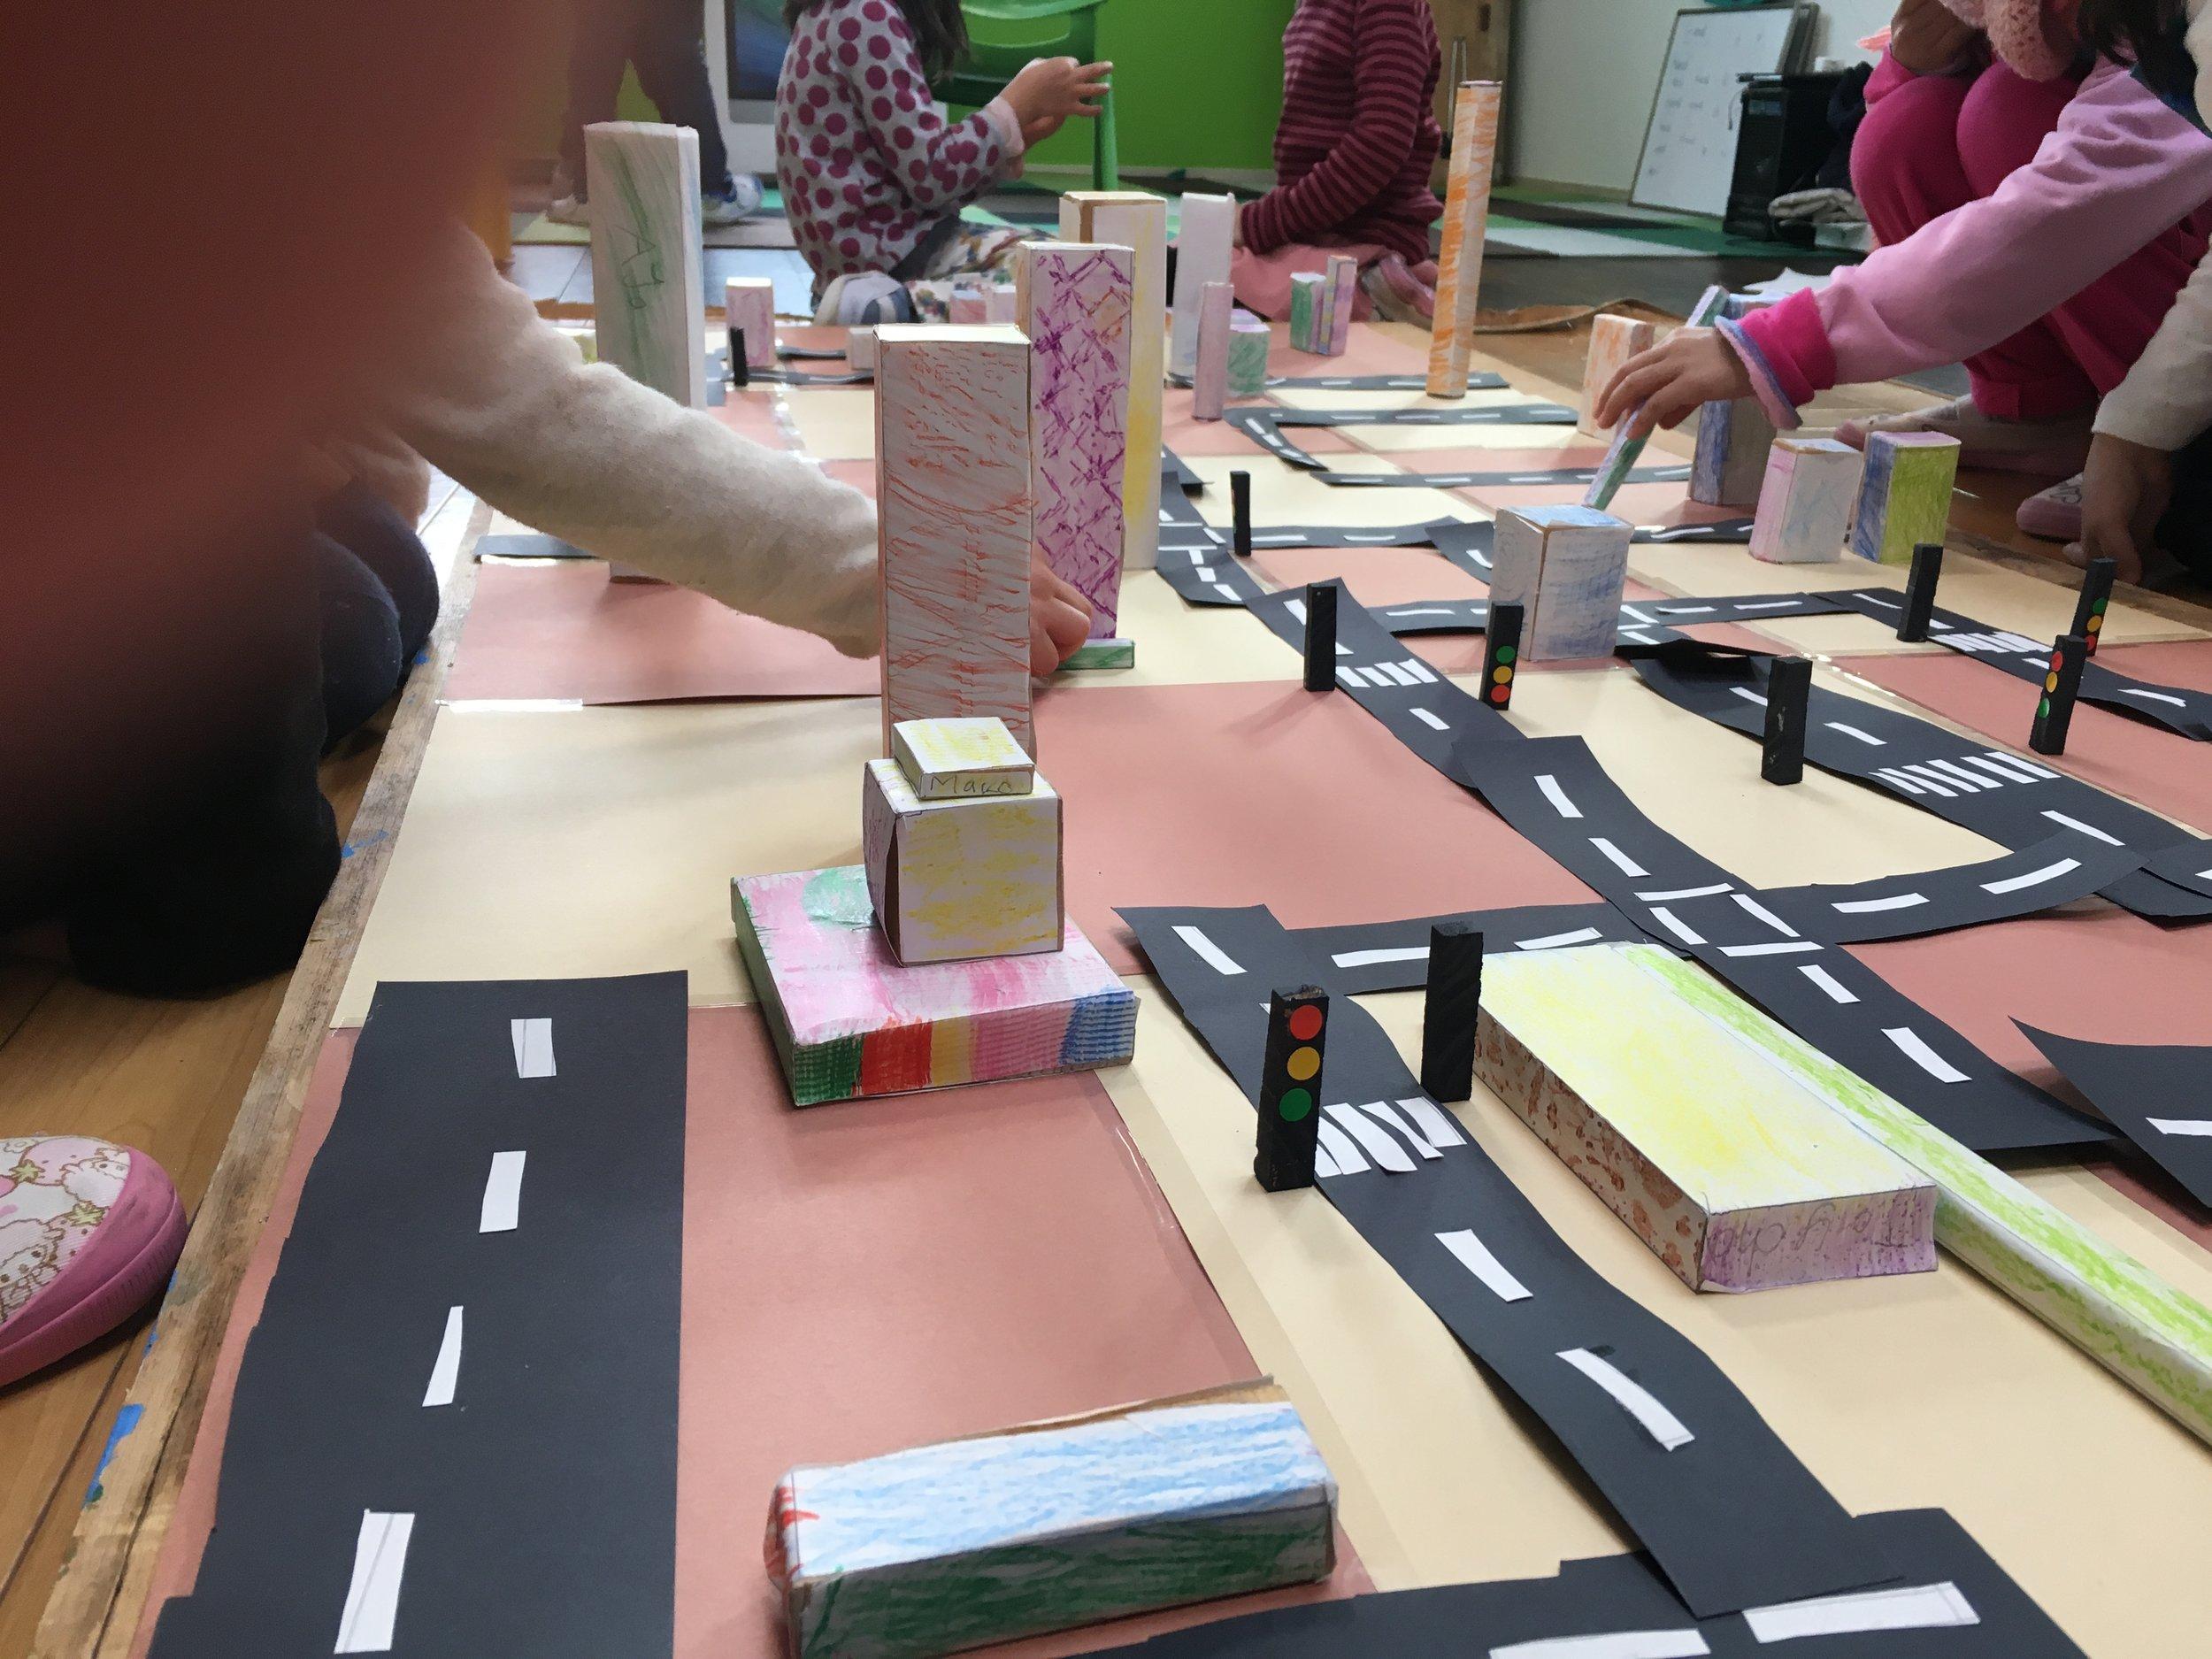 デザインを柔軟に保つ事で(変更可能な形にする)都市の再構築を可能にして、将来的に新しいディスカッションや学びに対応できる様にしてます